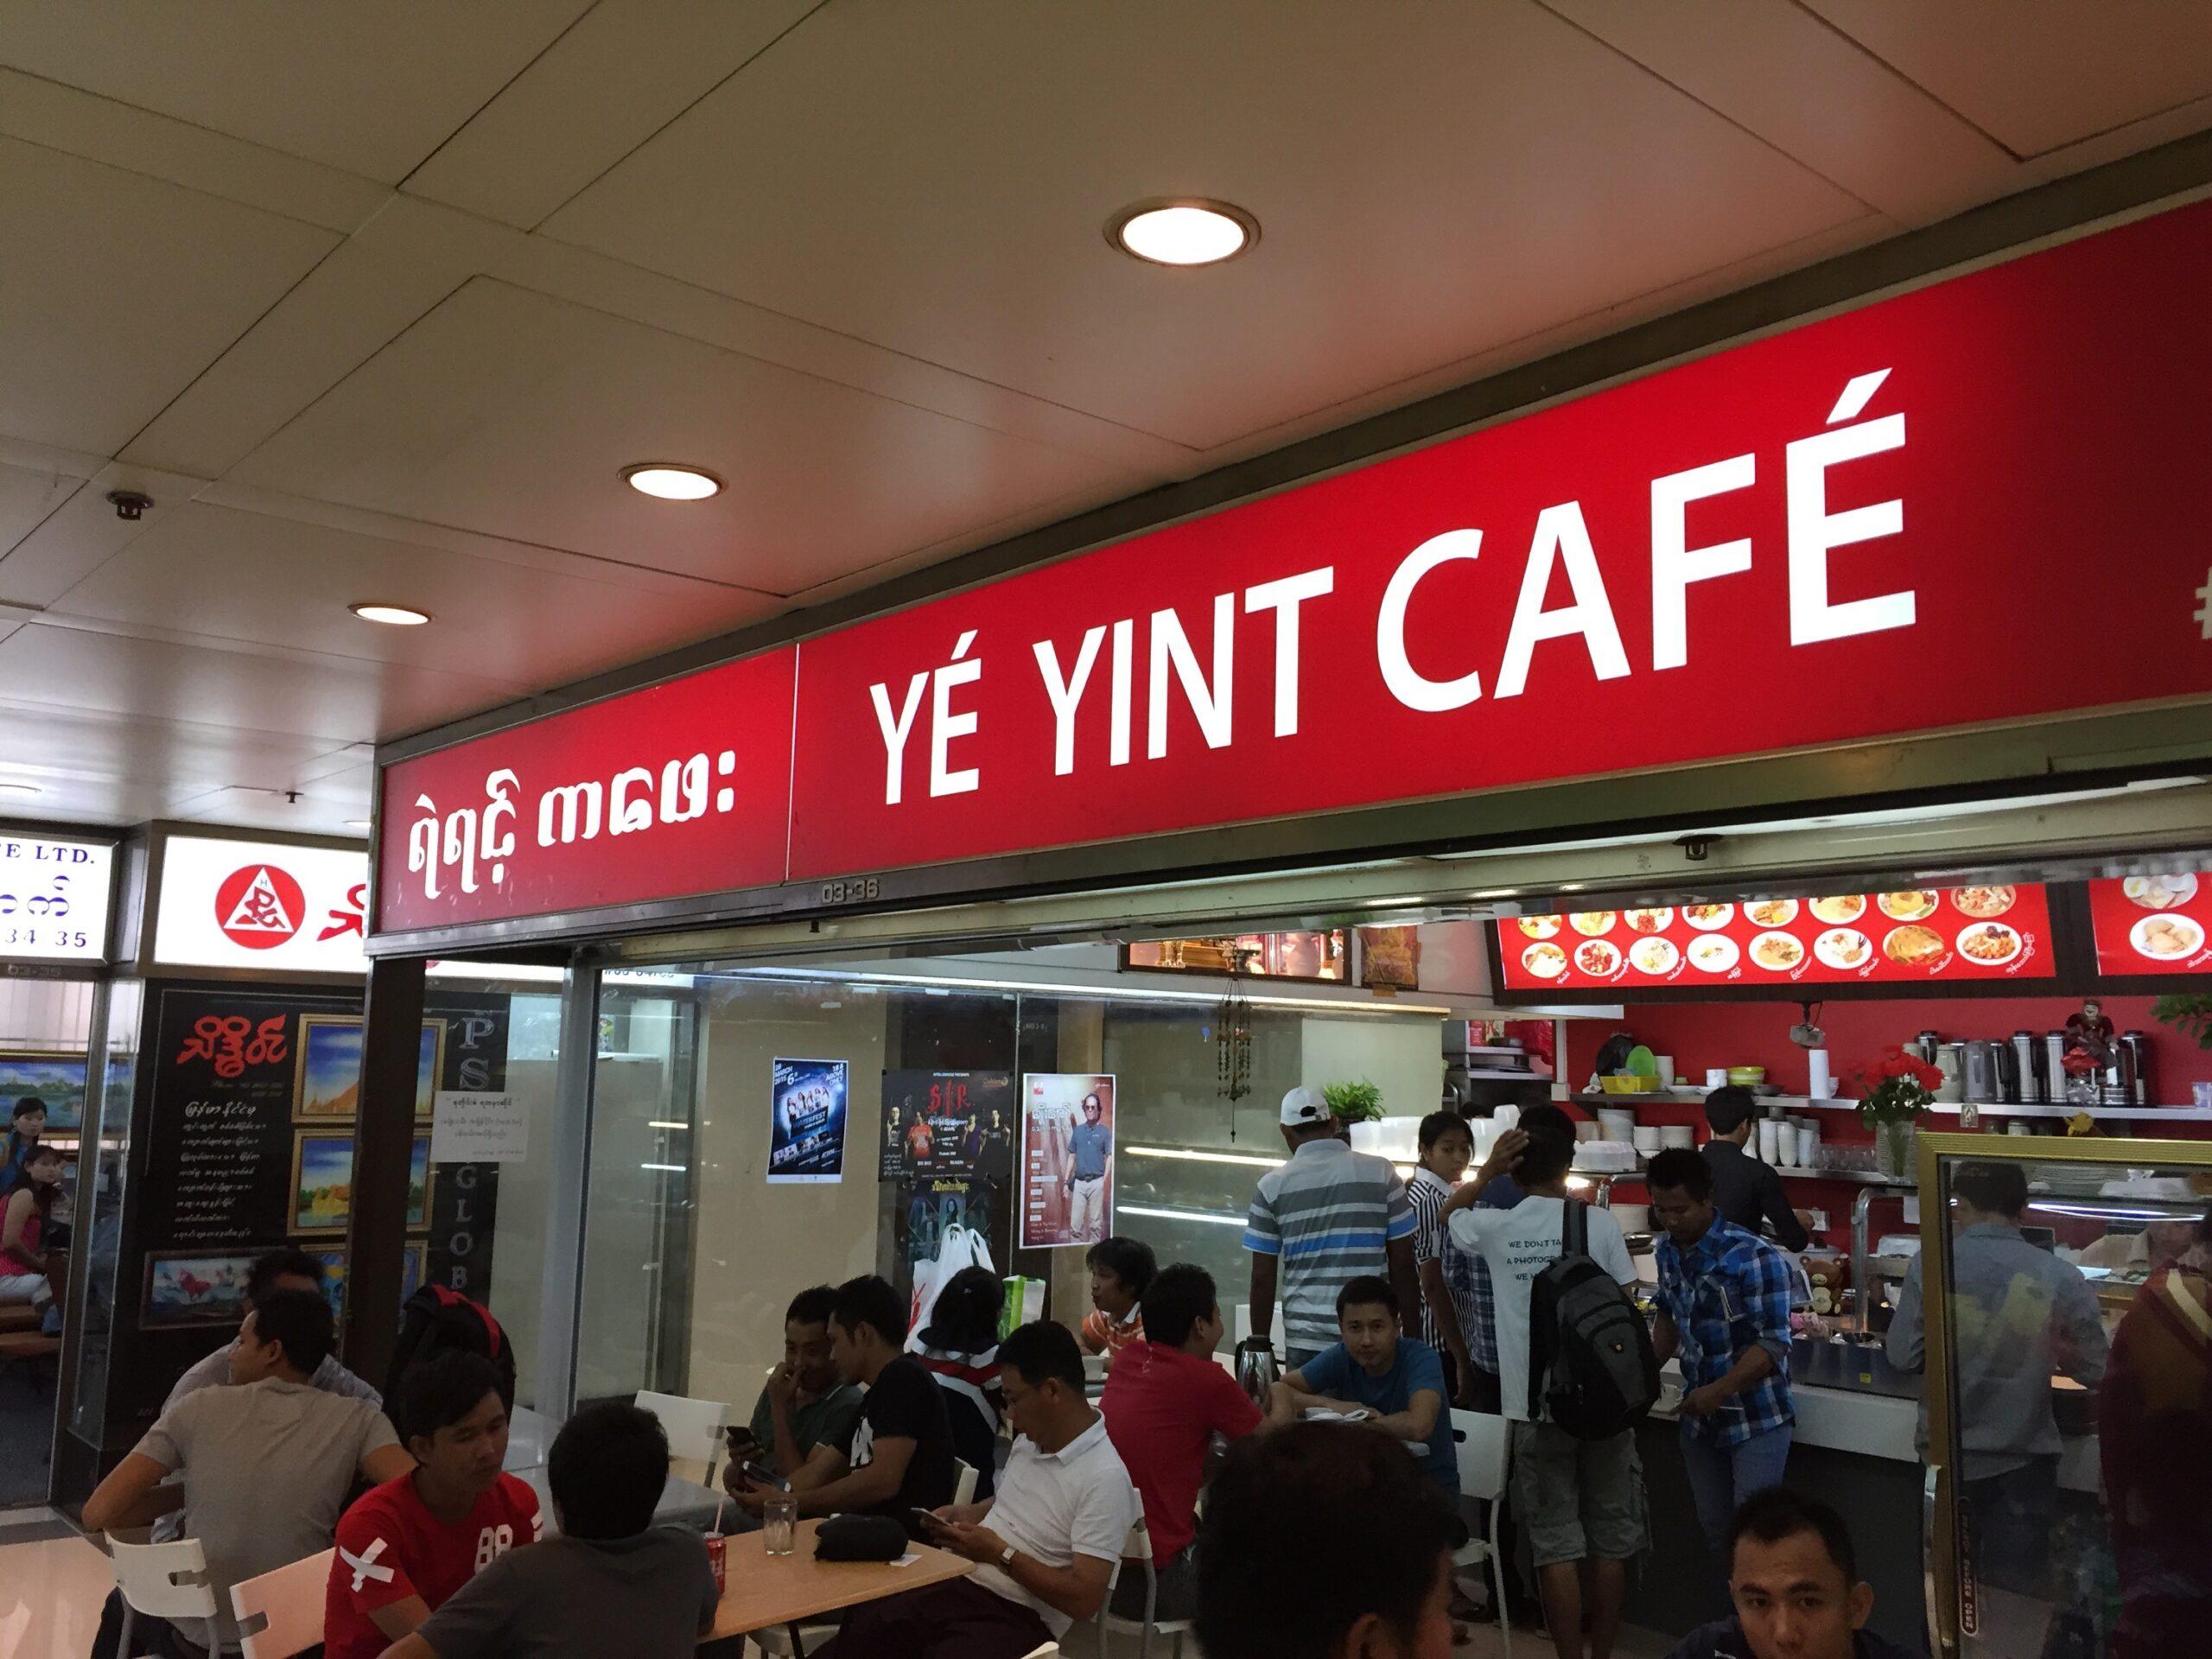 ye yint cafe